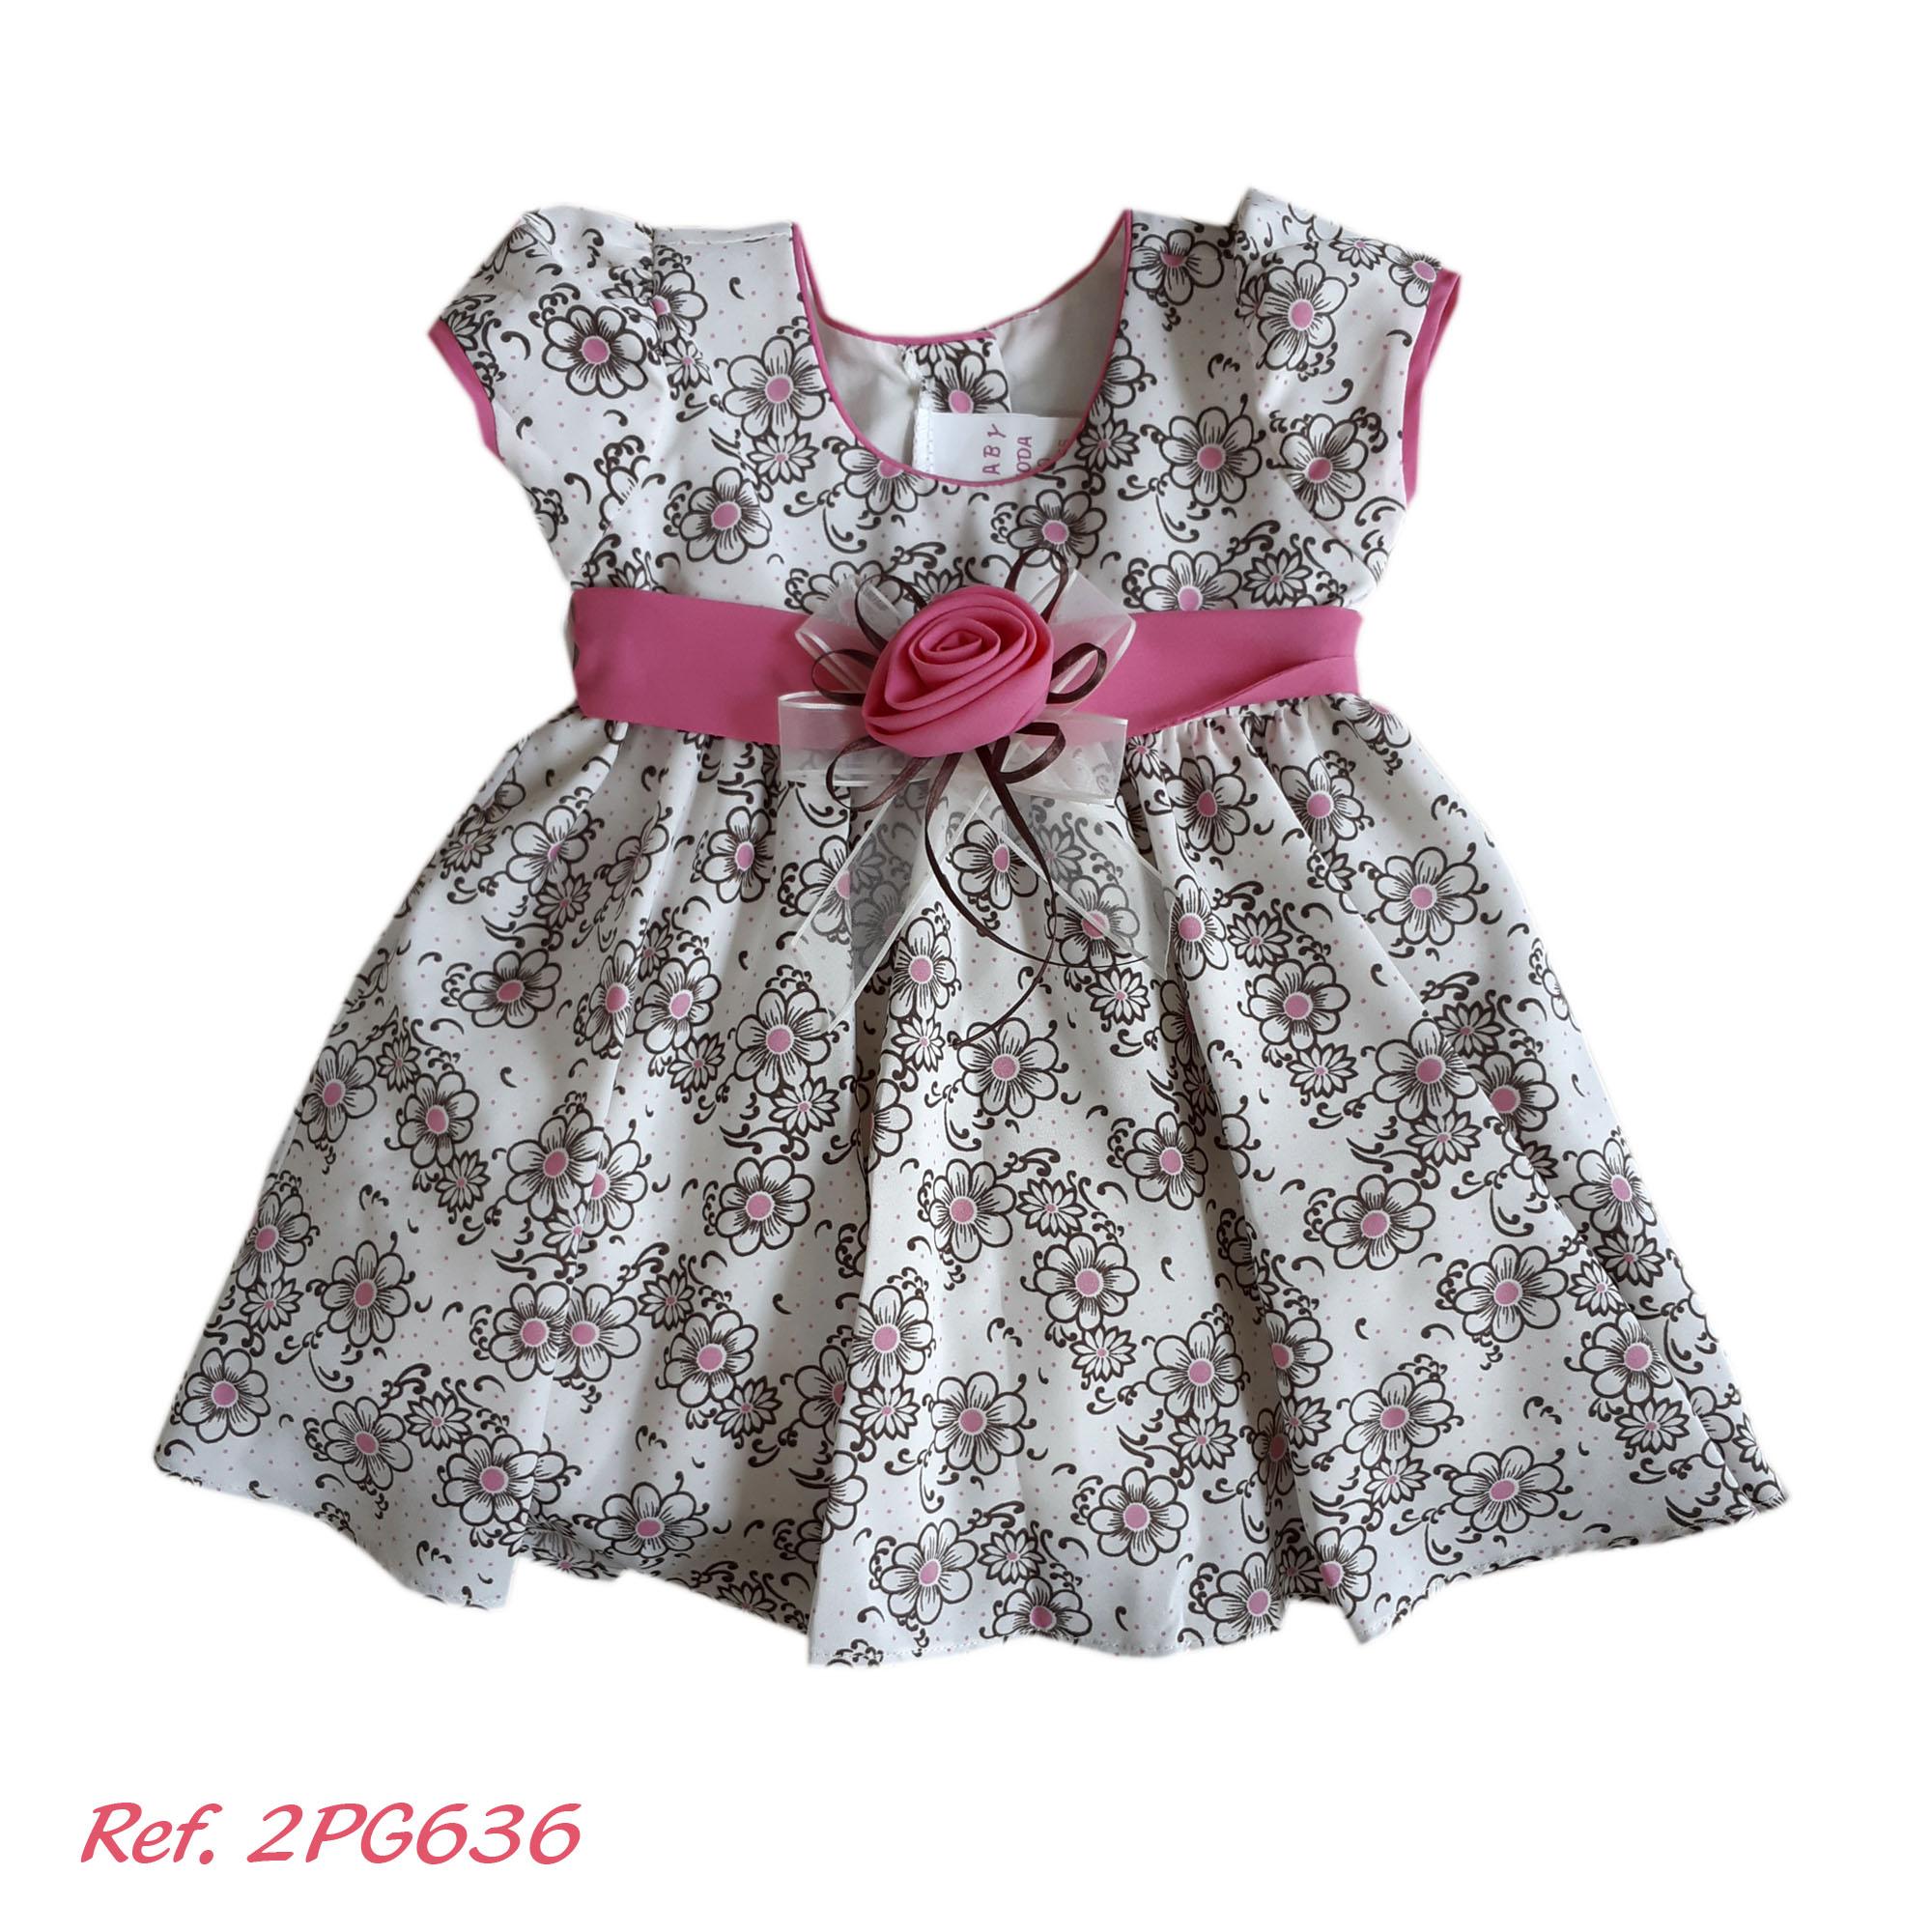 bastante agradable llegando precio más bajo con Vestido Bebe Niña 2 Piezas - 2PG636